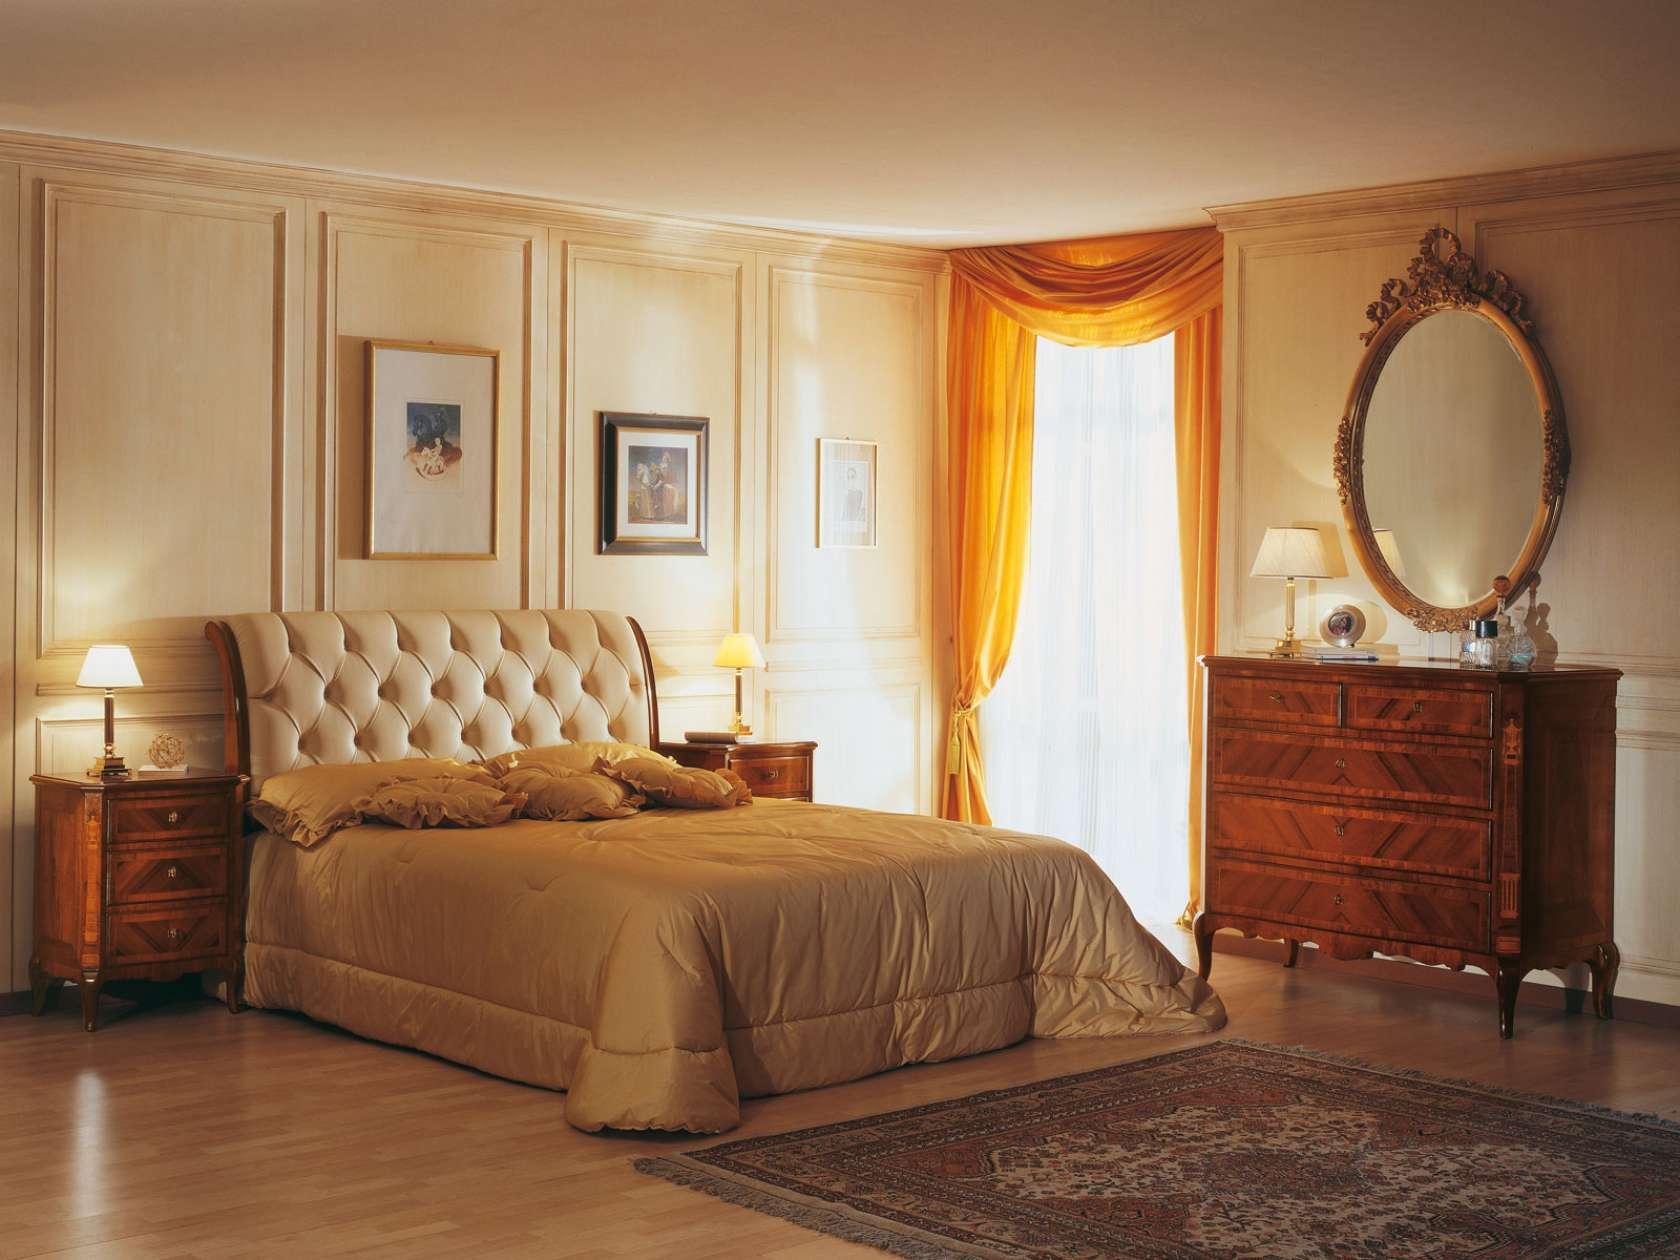 Camera da letto 800 francese letto in pelle capitonn for Como x camera da letto